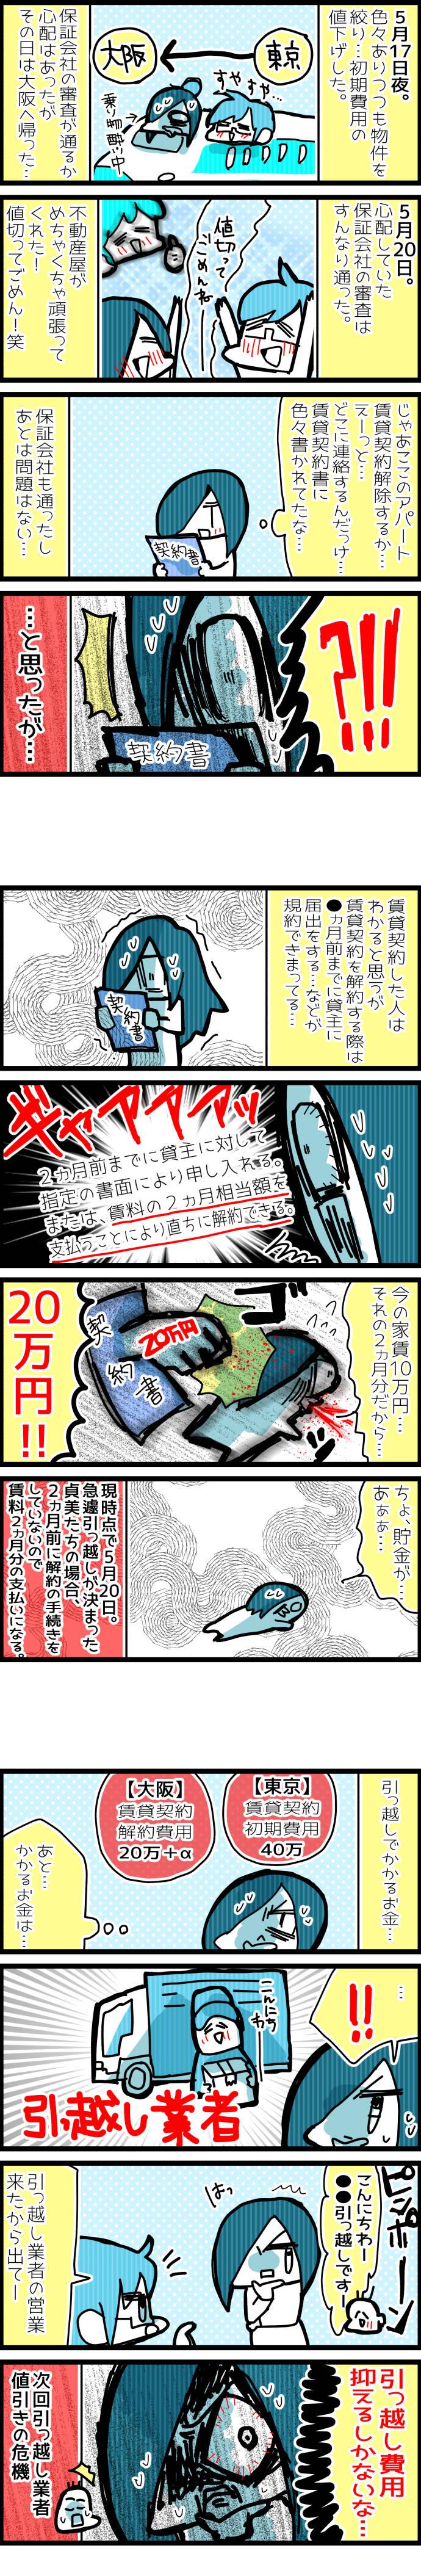 neetsadami.com_13話